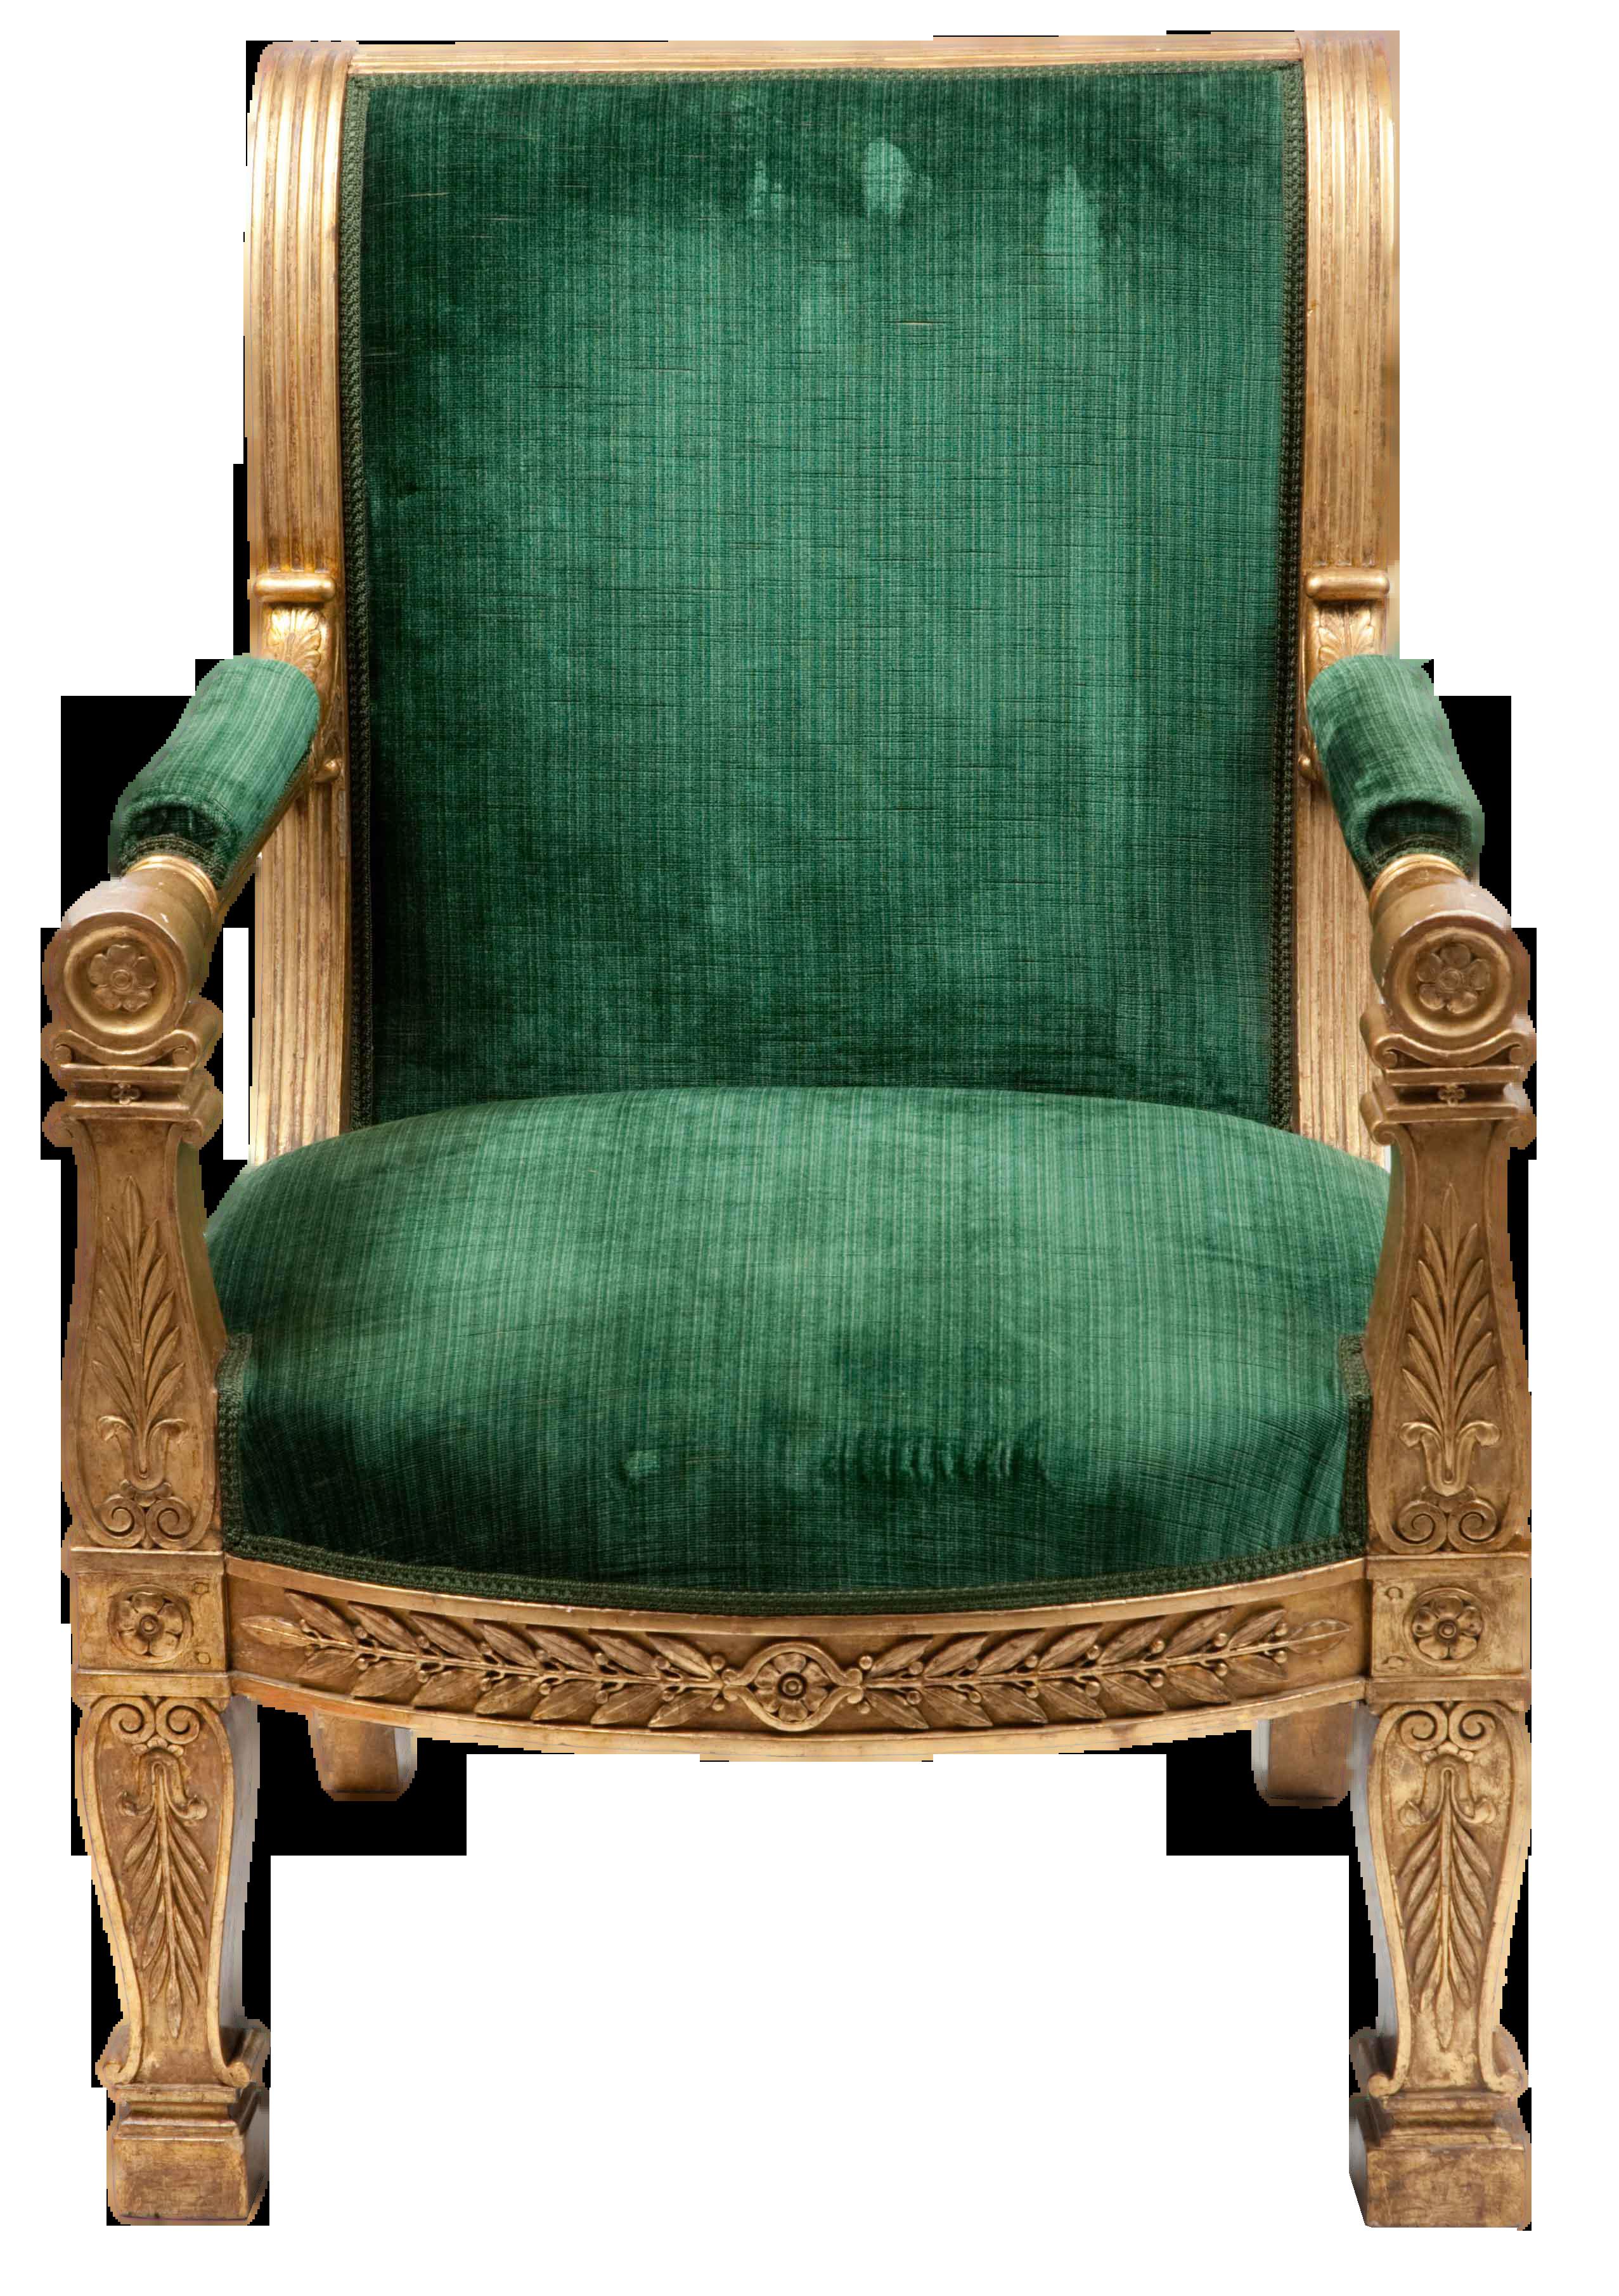 Chair Tron Green Chair Eames Dining Chair Furniture Chair